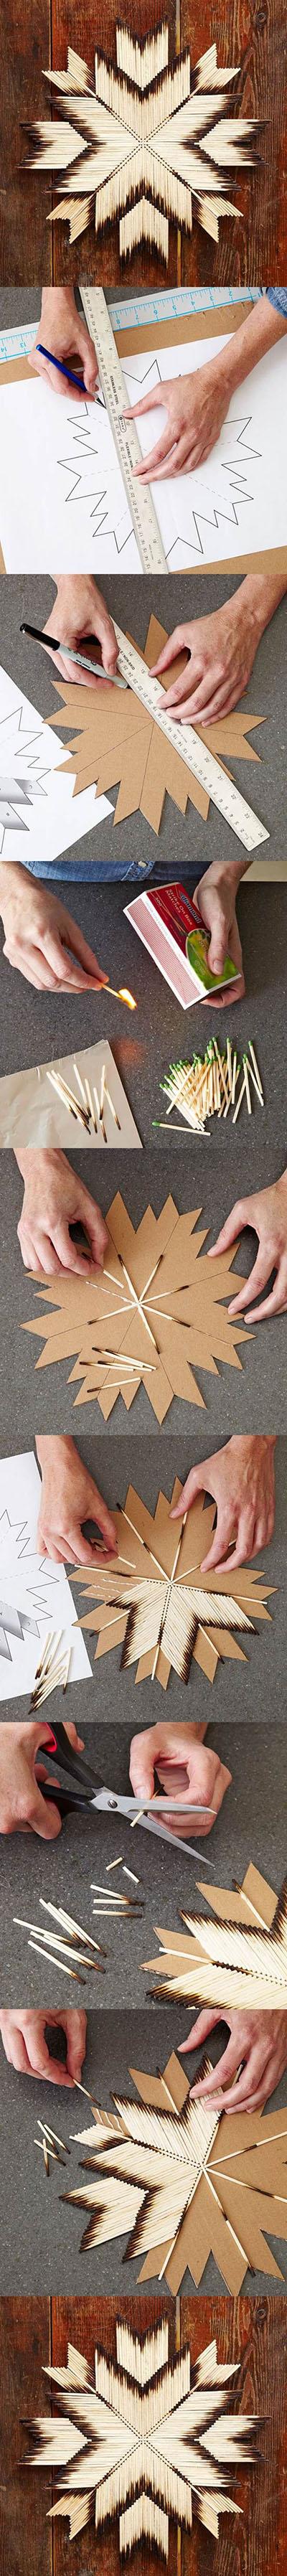 DIY Unique Crafts of Matches22